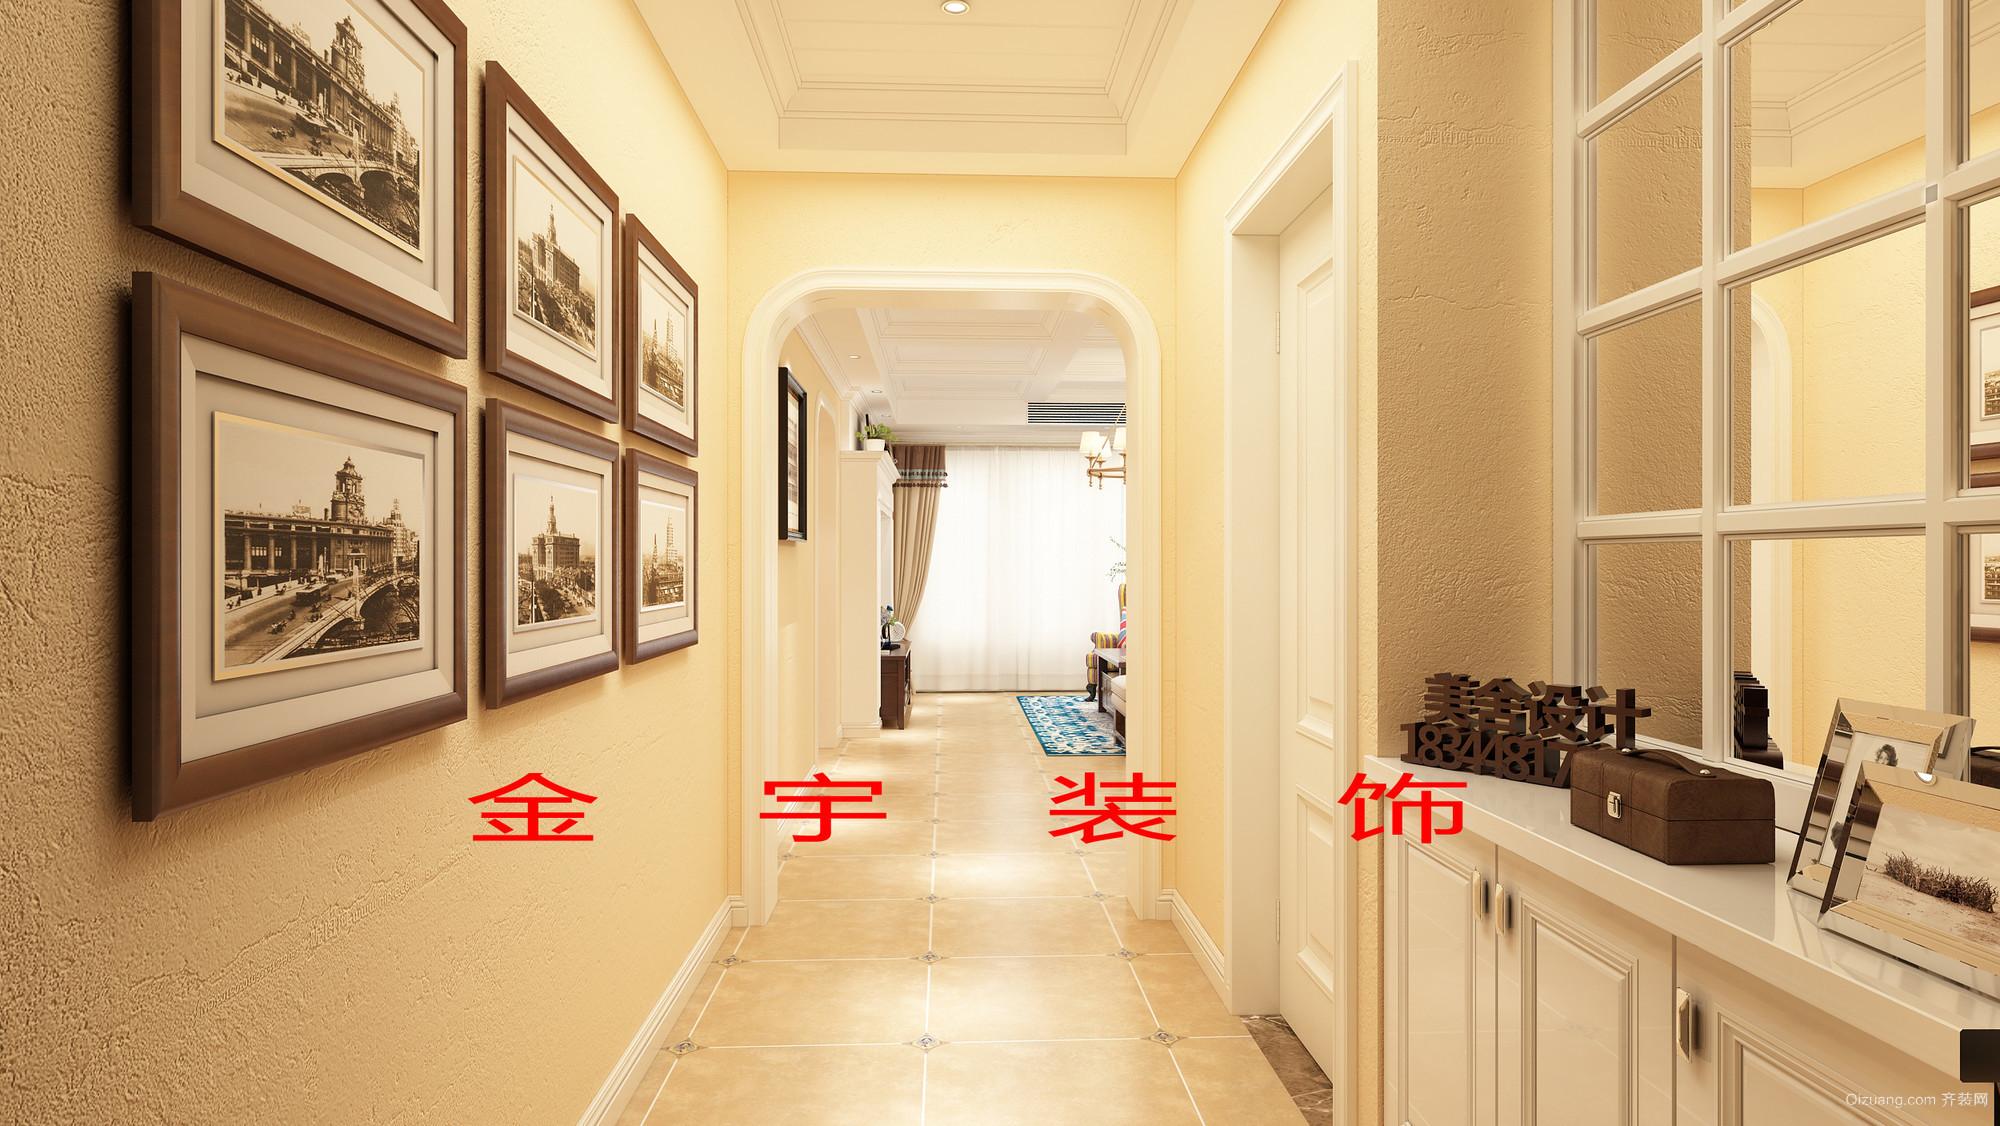 山泽园美式风格装修效果图实景图